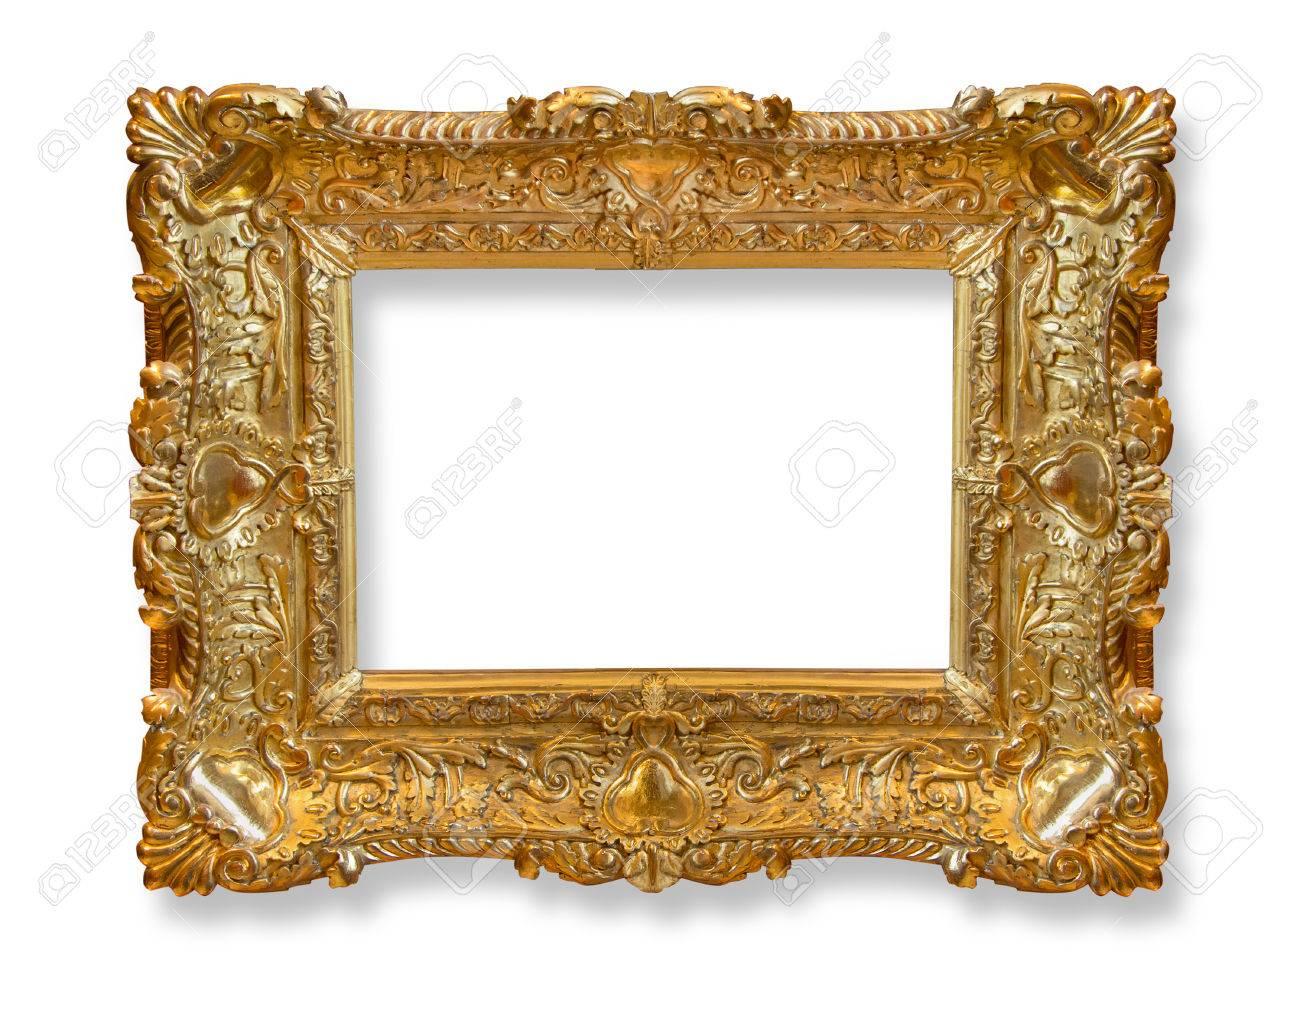 Marco De Oro. Artes De Oro Oro Y Marco De Imagen Patrón De ...